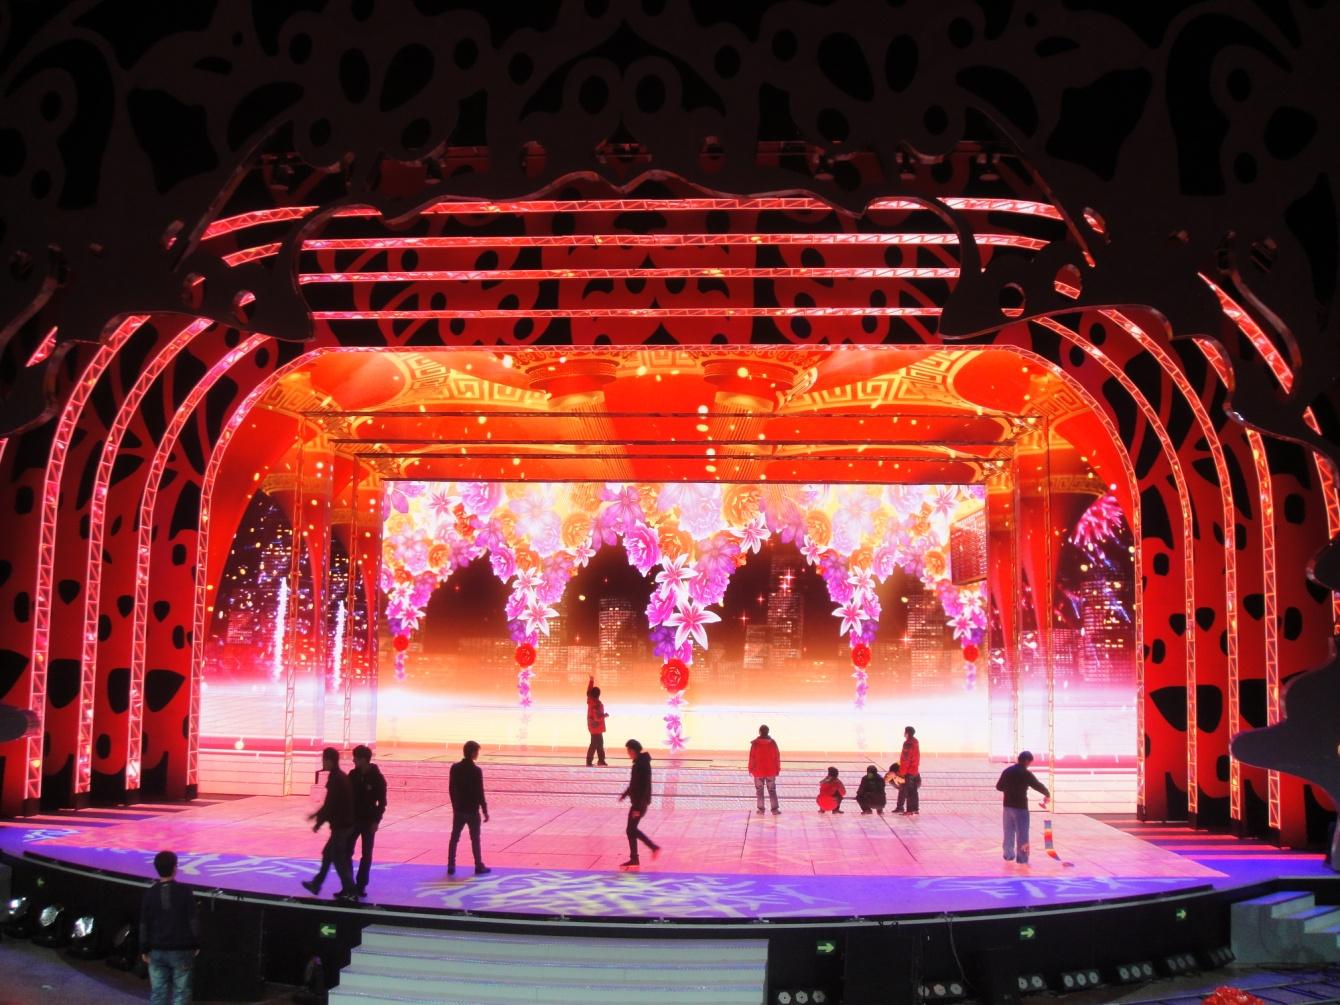 舞台背景led显示屏如何定制